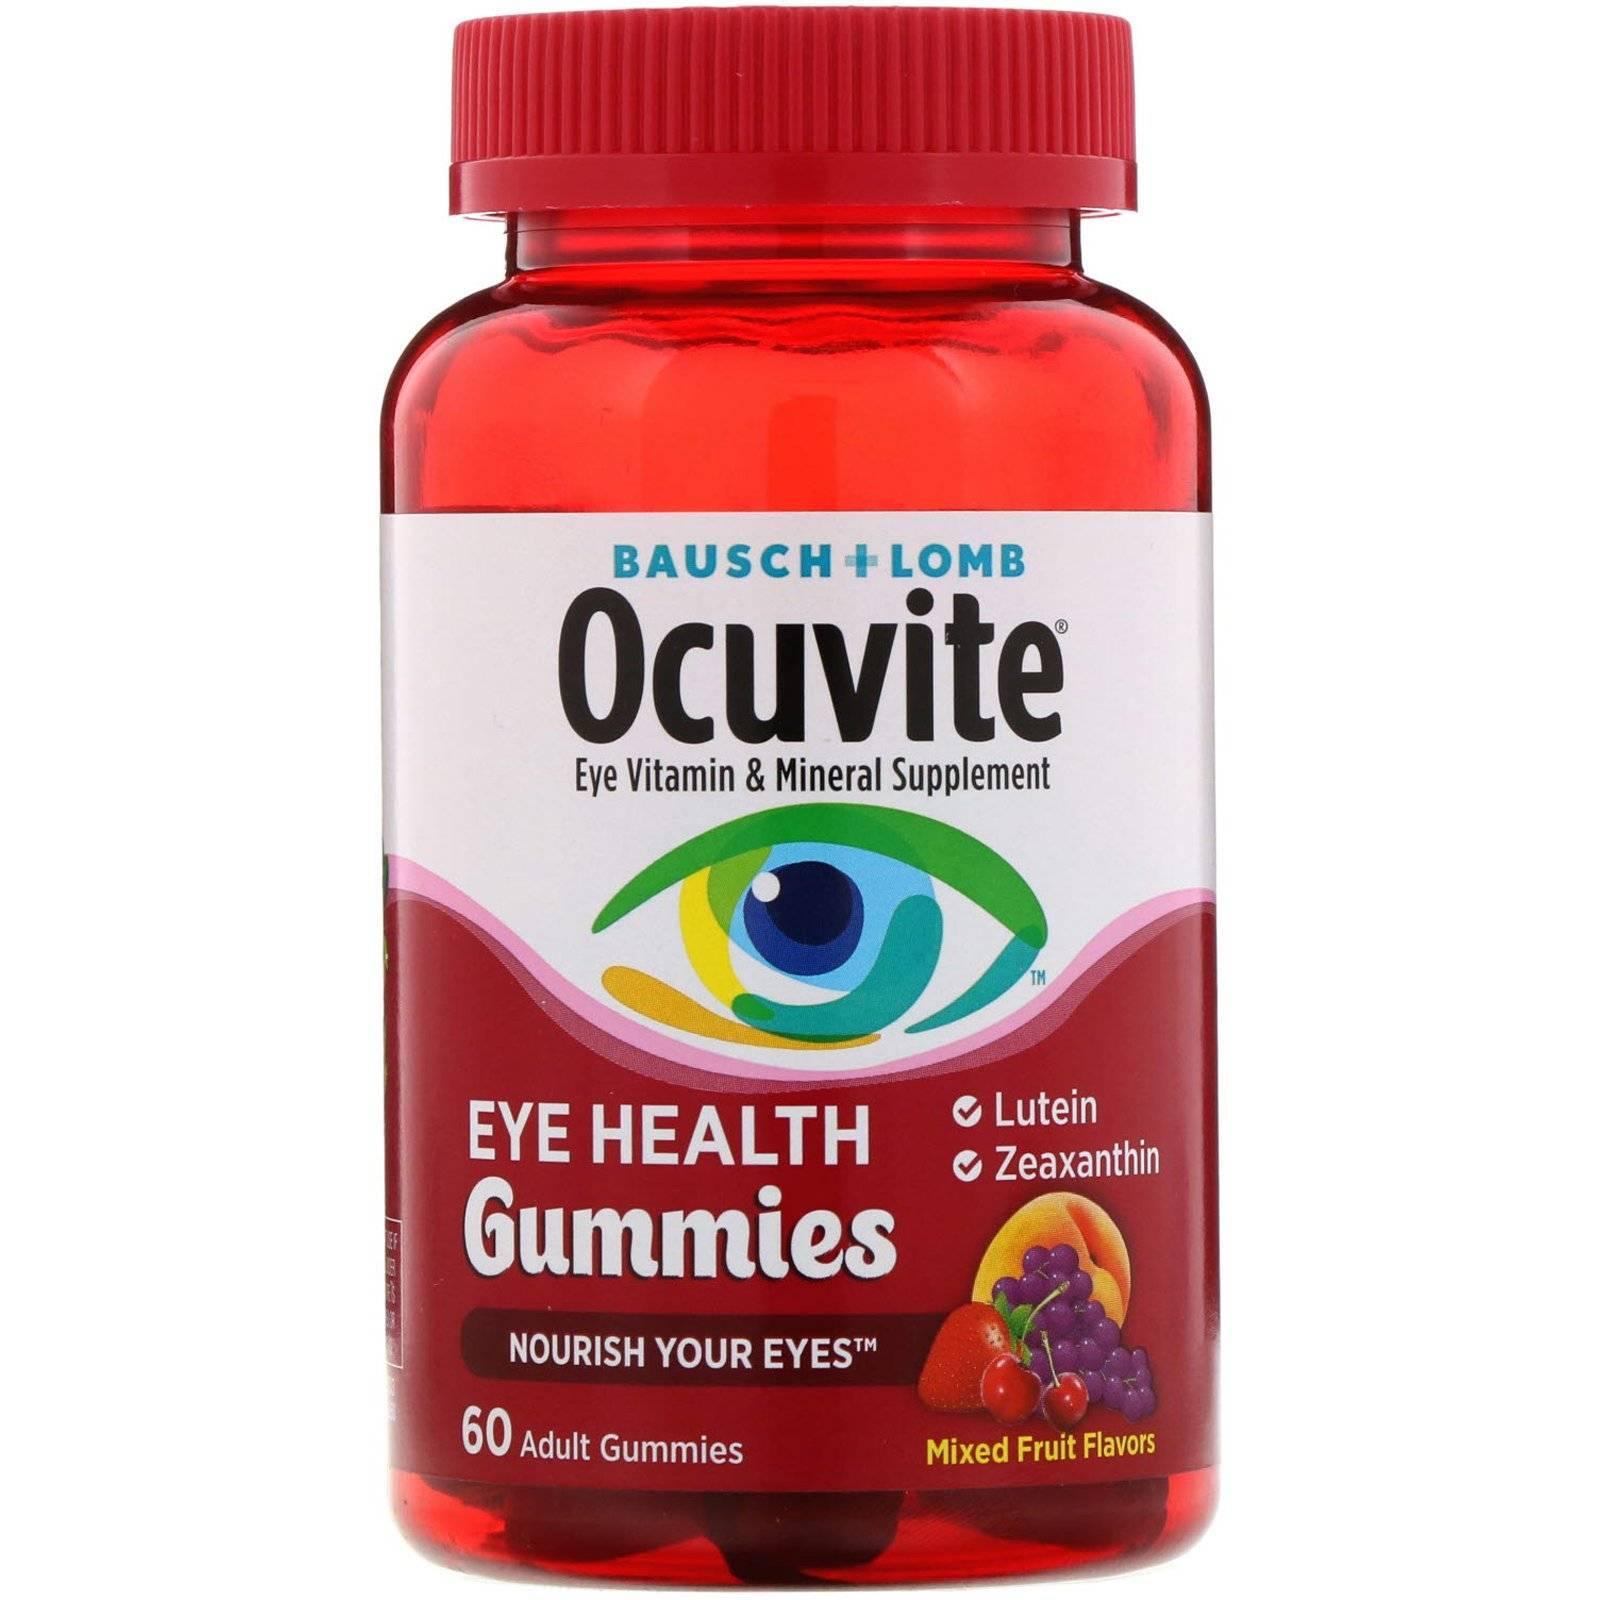 Витамины для глаз при близорукости: обзор лучших препаратов, капель, продуктов